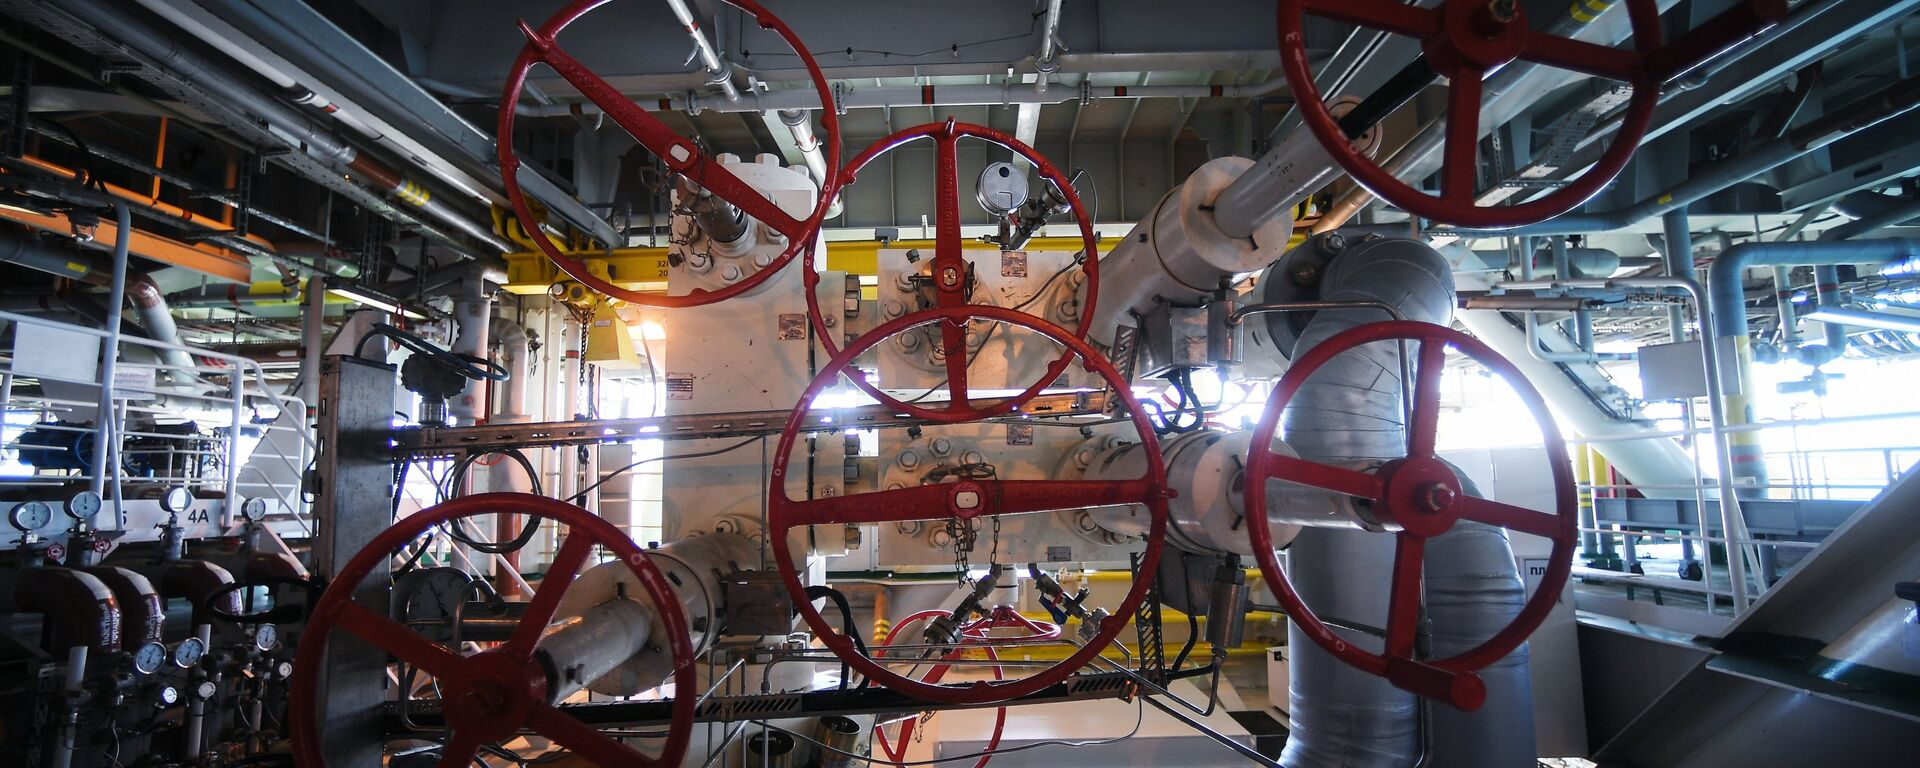 La maquinaria de una plataforma rusa instalada en un yacimiento de petróleo y gas - Sputnik Mundo, 1920, 13.09.2021